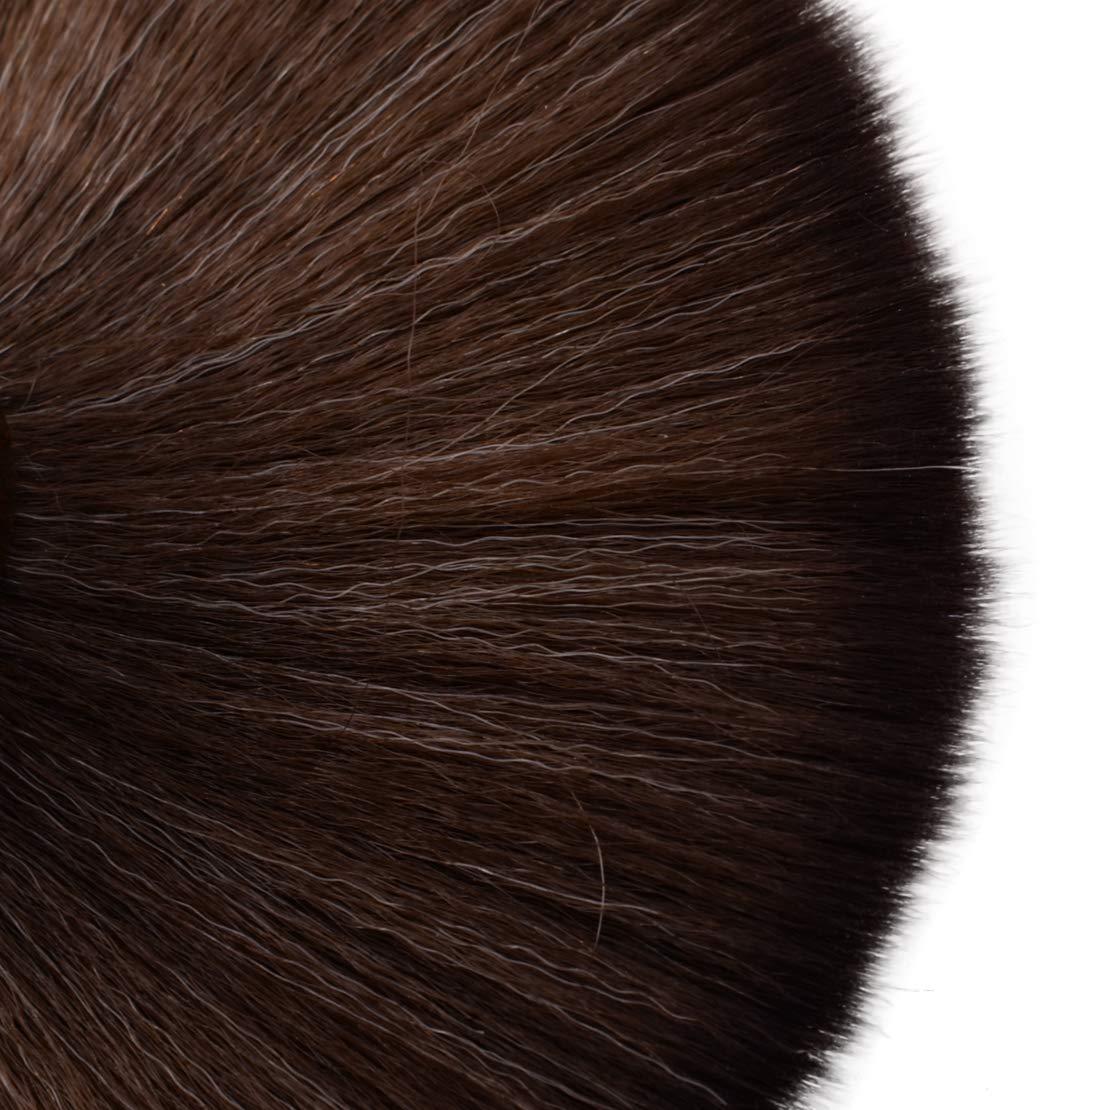 Noir 6.3inch Professionnel LP Disque Vinyle Outil De Nettoyage Anti Statique Manche En Bois /& /Écureuil Cheveux Brosse Stylet Nettoyeur /À Poussi/ère Longueur Totale Approx.16cm